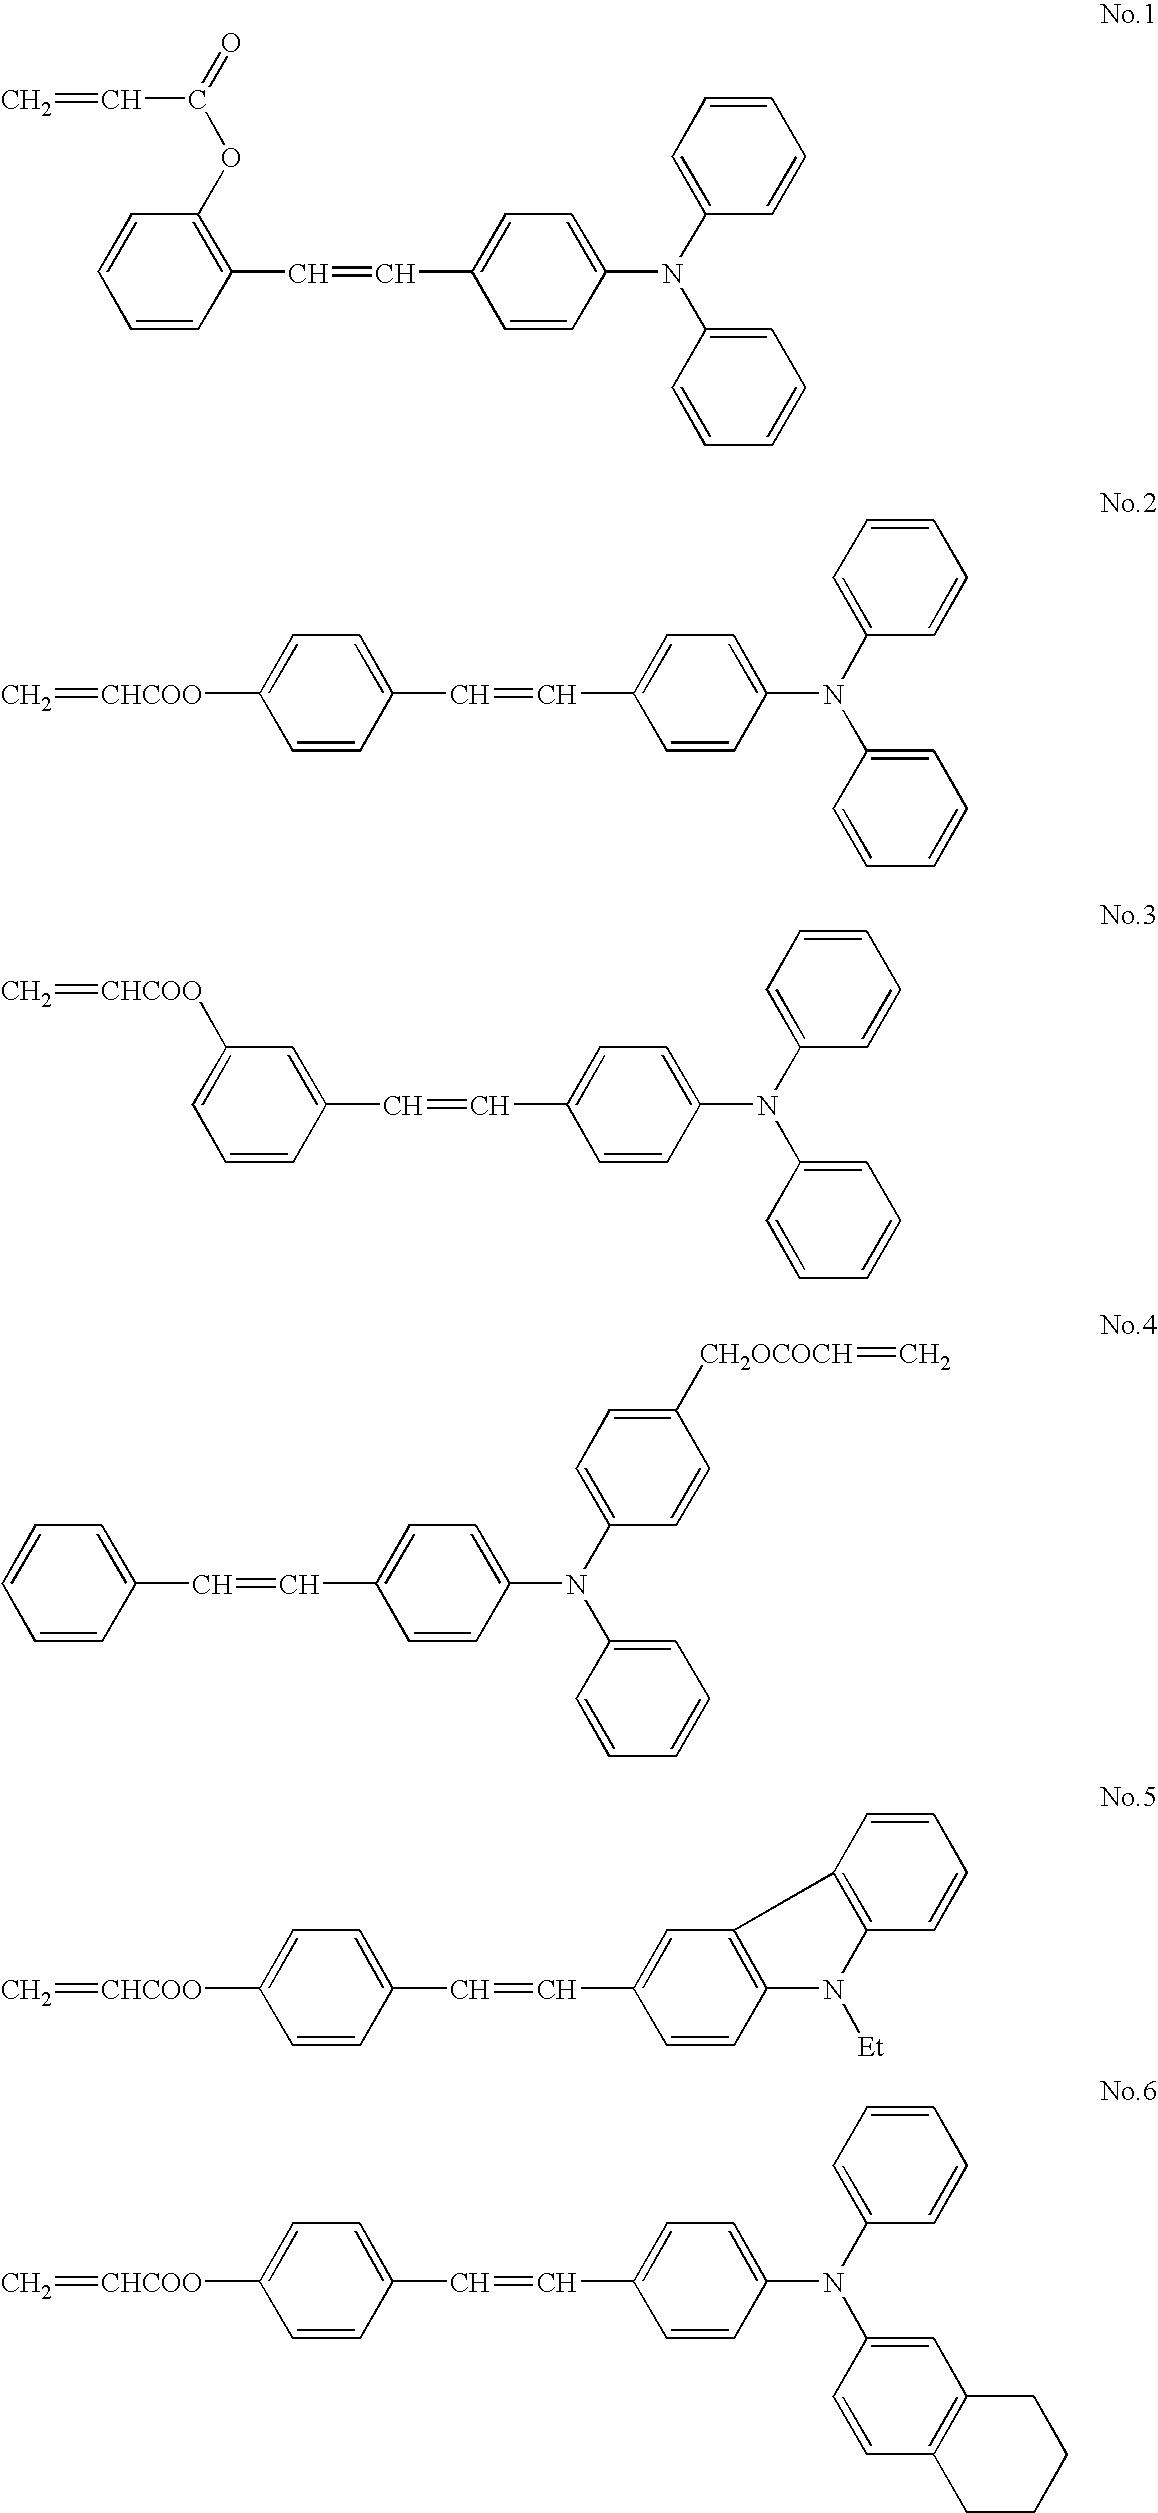 Figure US20060078809A1-20060413-C00006